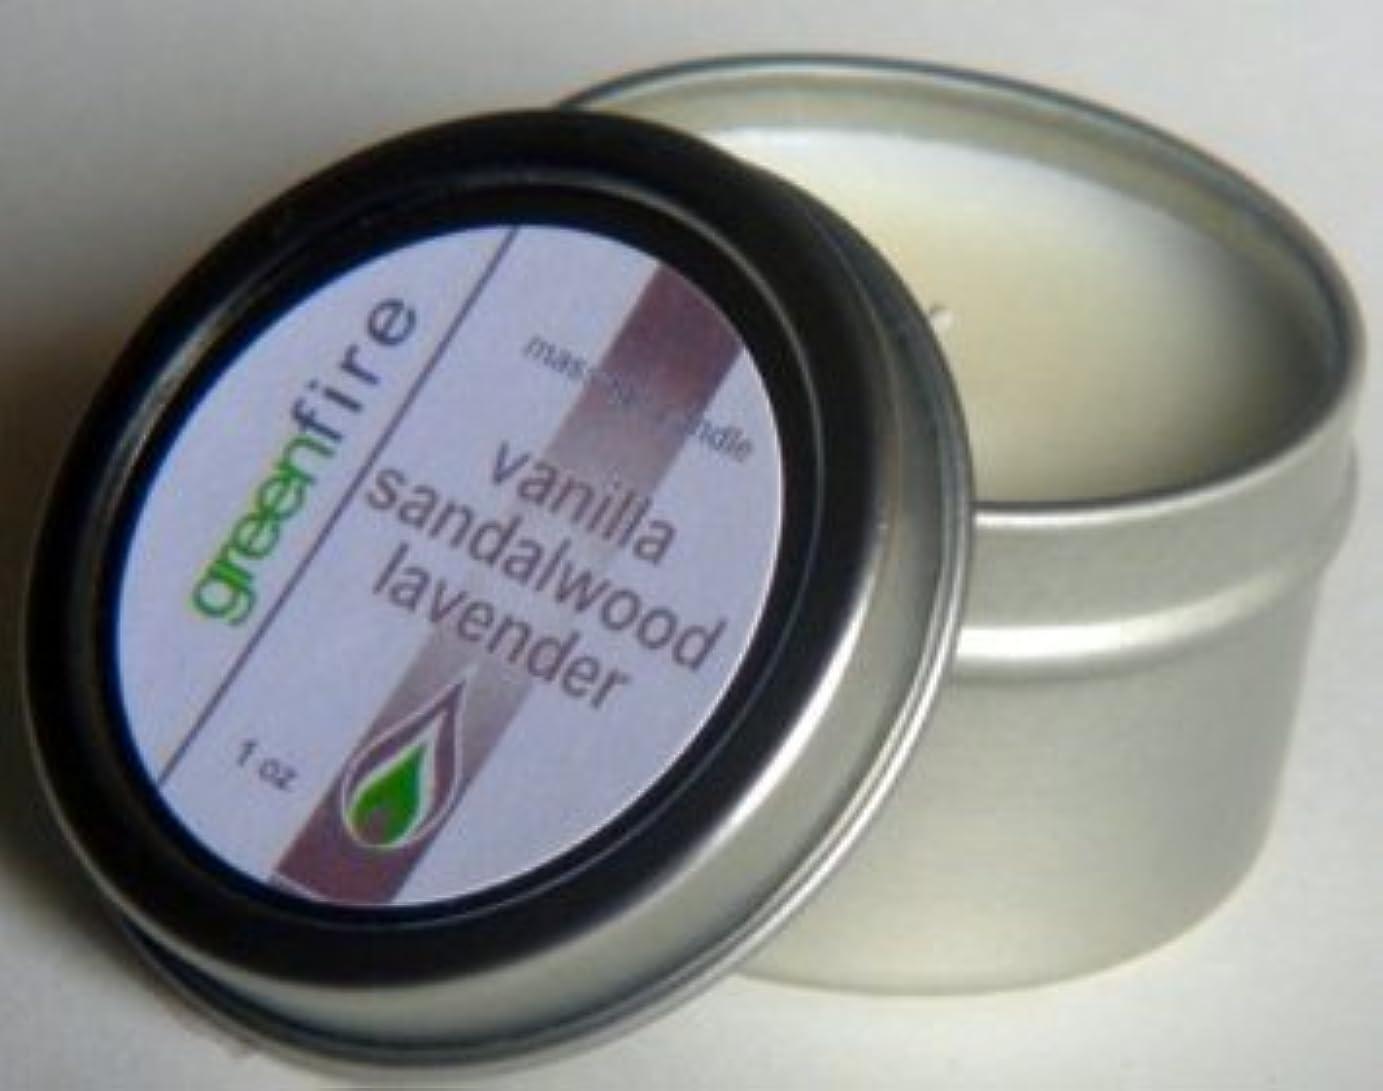 グリーンファイヤーマッサージキャンドル ラベンダー?サンダルウッド?バニラの香り(サイズ:29.6mL)